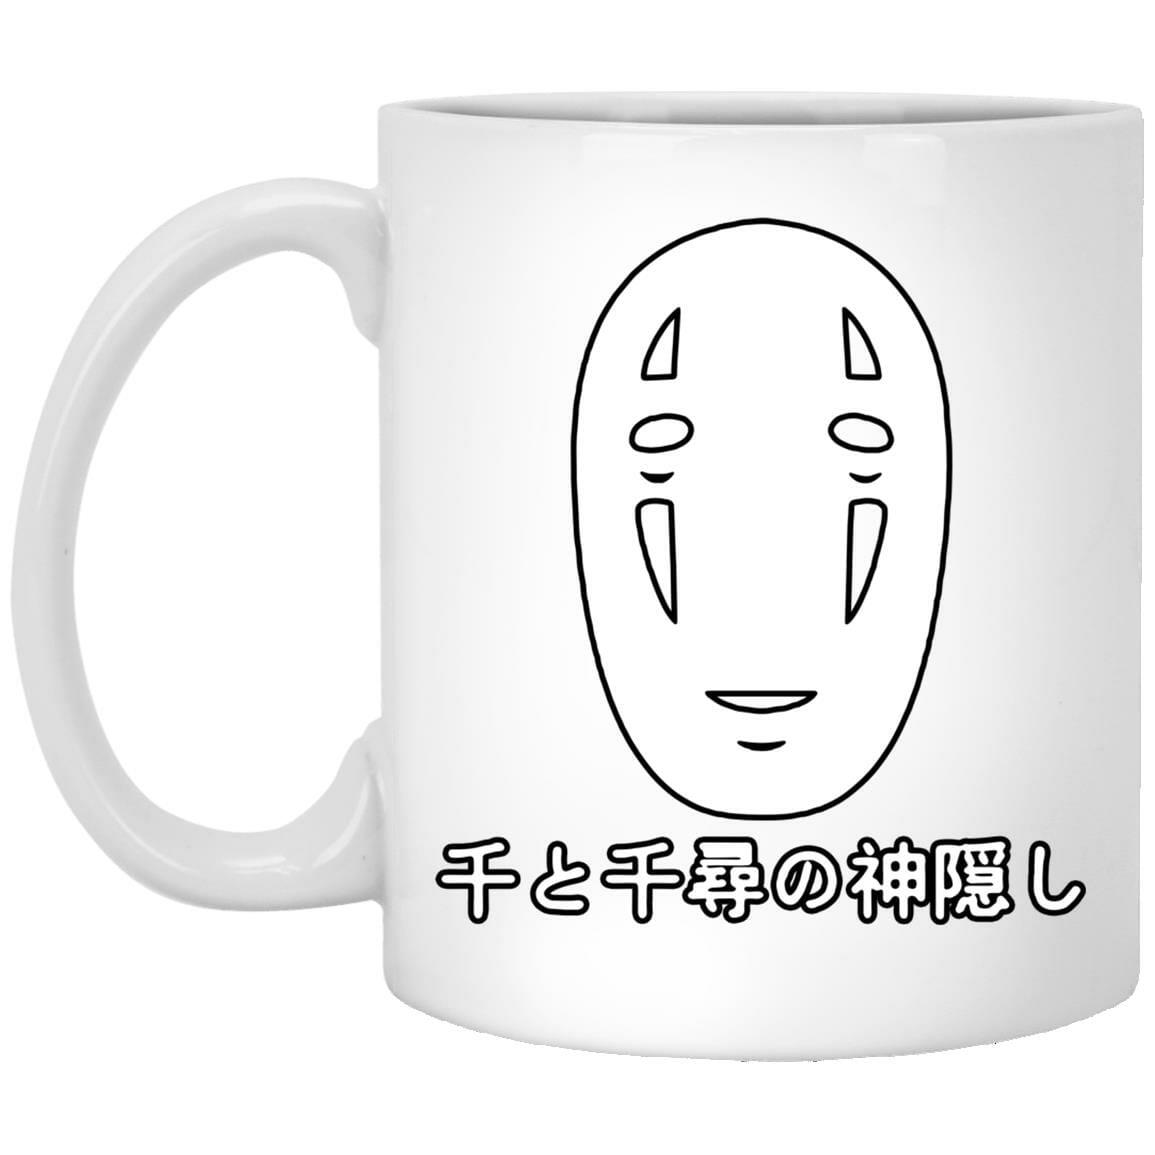 Spirited Away No Face Kaonashi Harajuku Mug